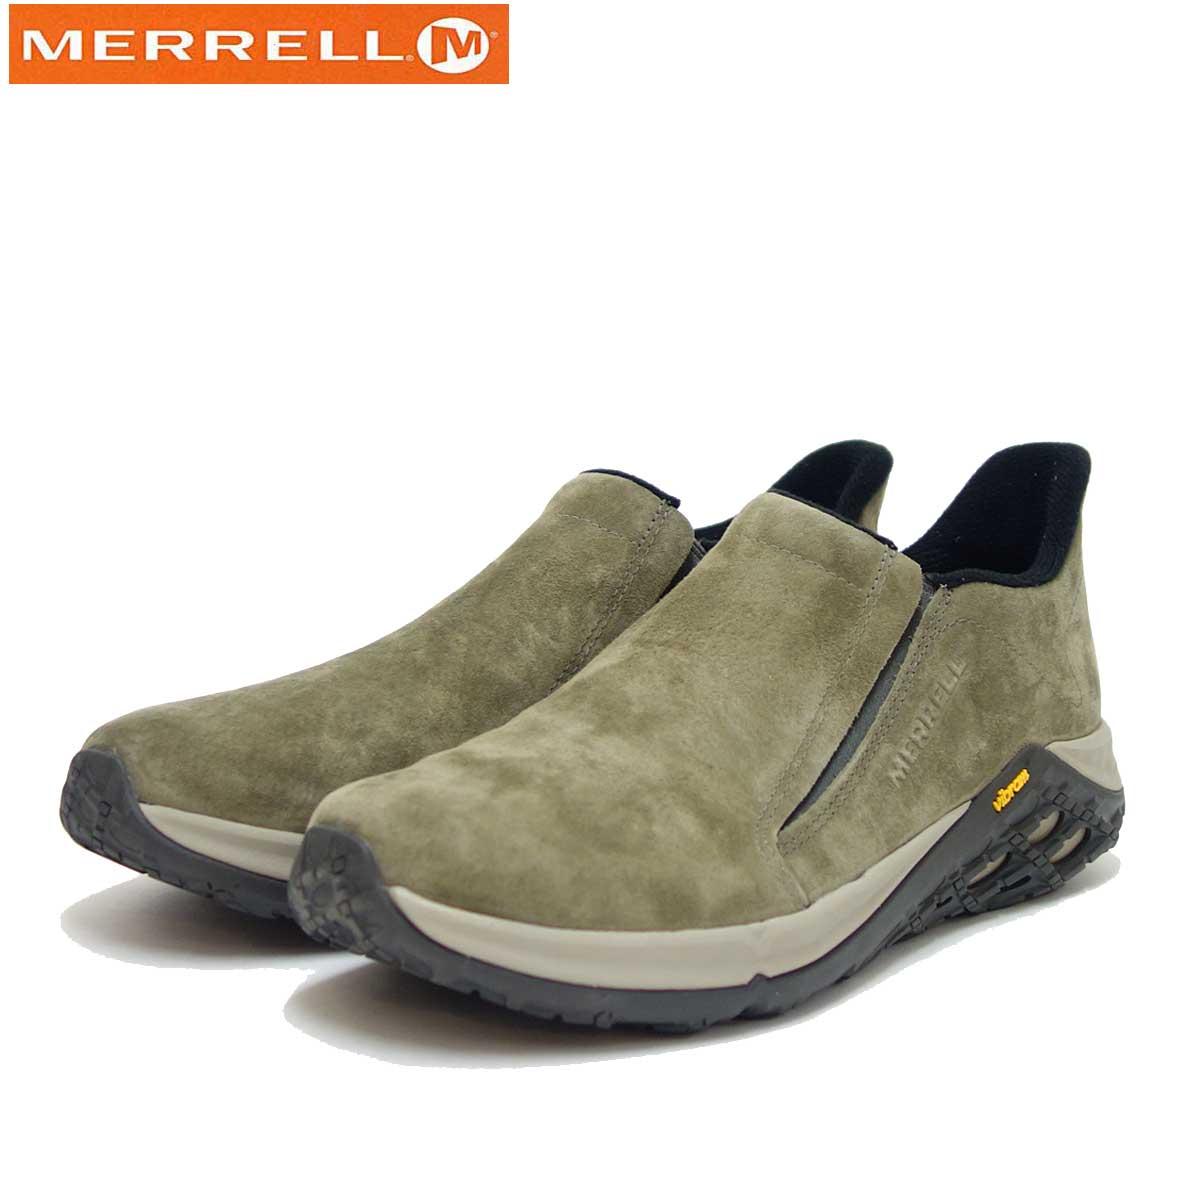 MERRELL メレル ジャングル モック 2.0 JUNGLE MOC 2.0 (メンズ)94525 ダスティー オリーブ 「靴」